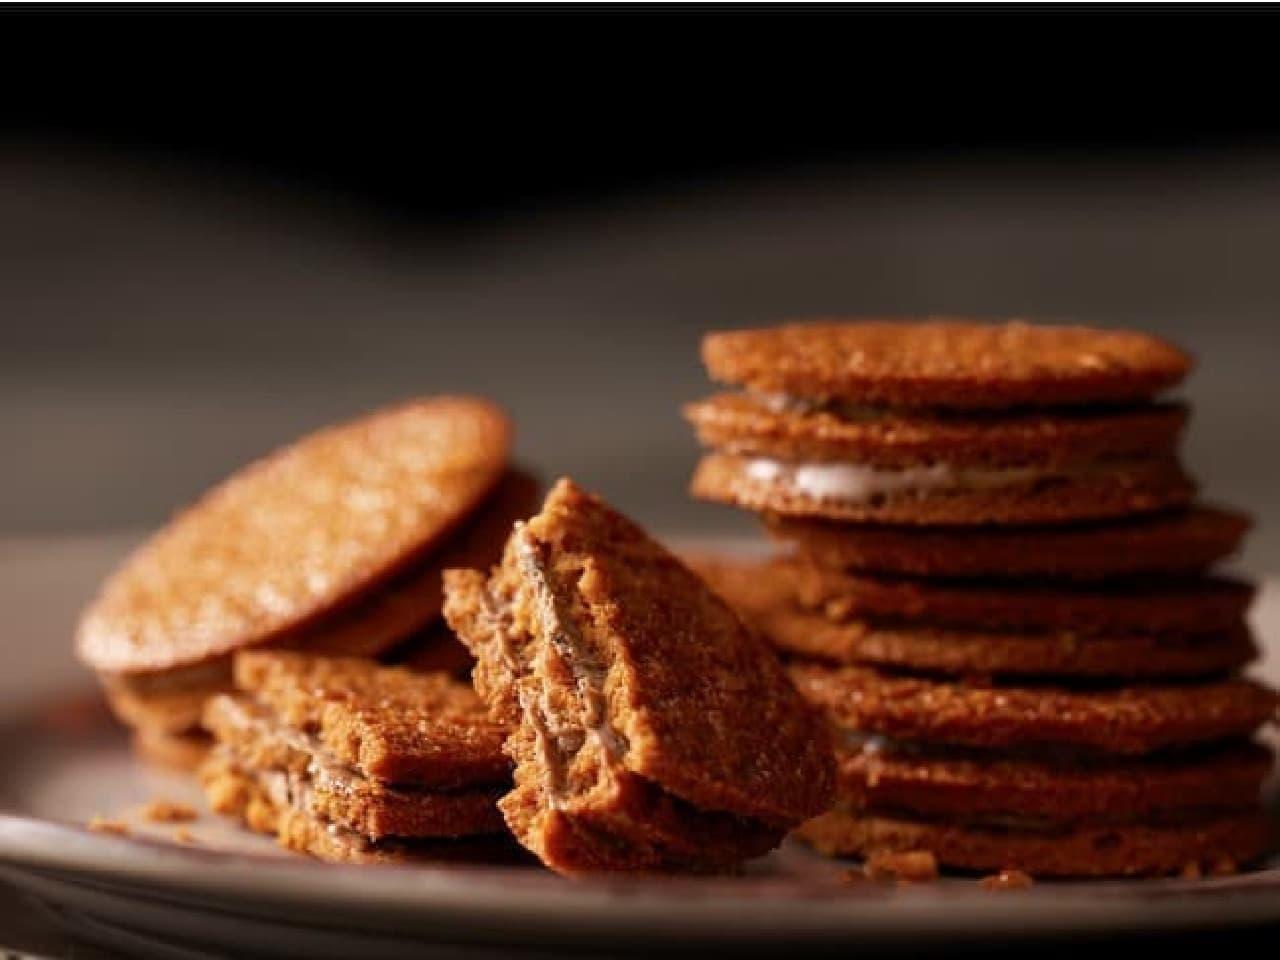 キャラメルゴーストハウス「キャラメルチョコレートクッキー」